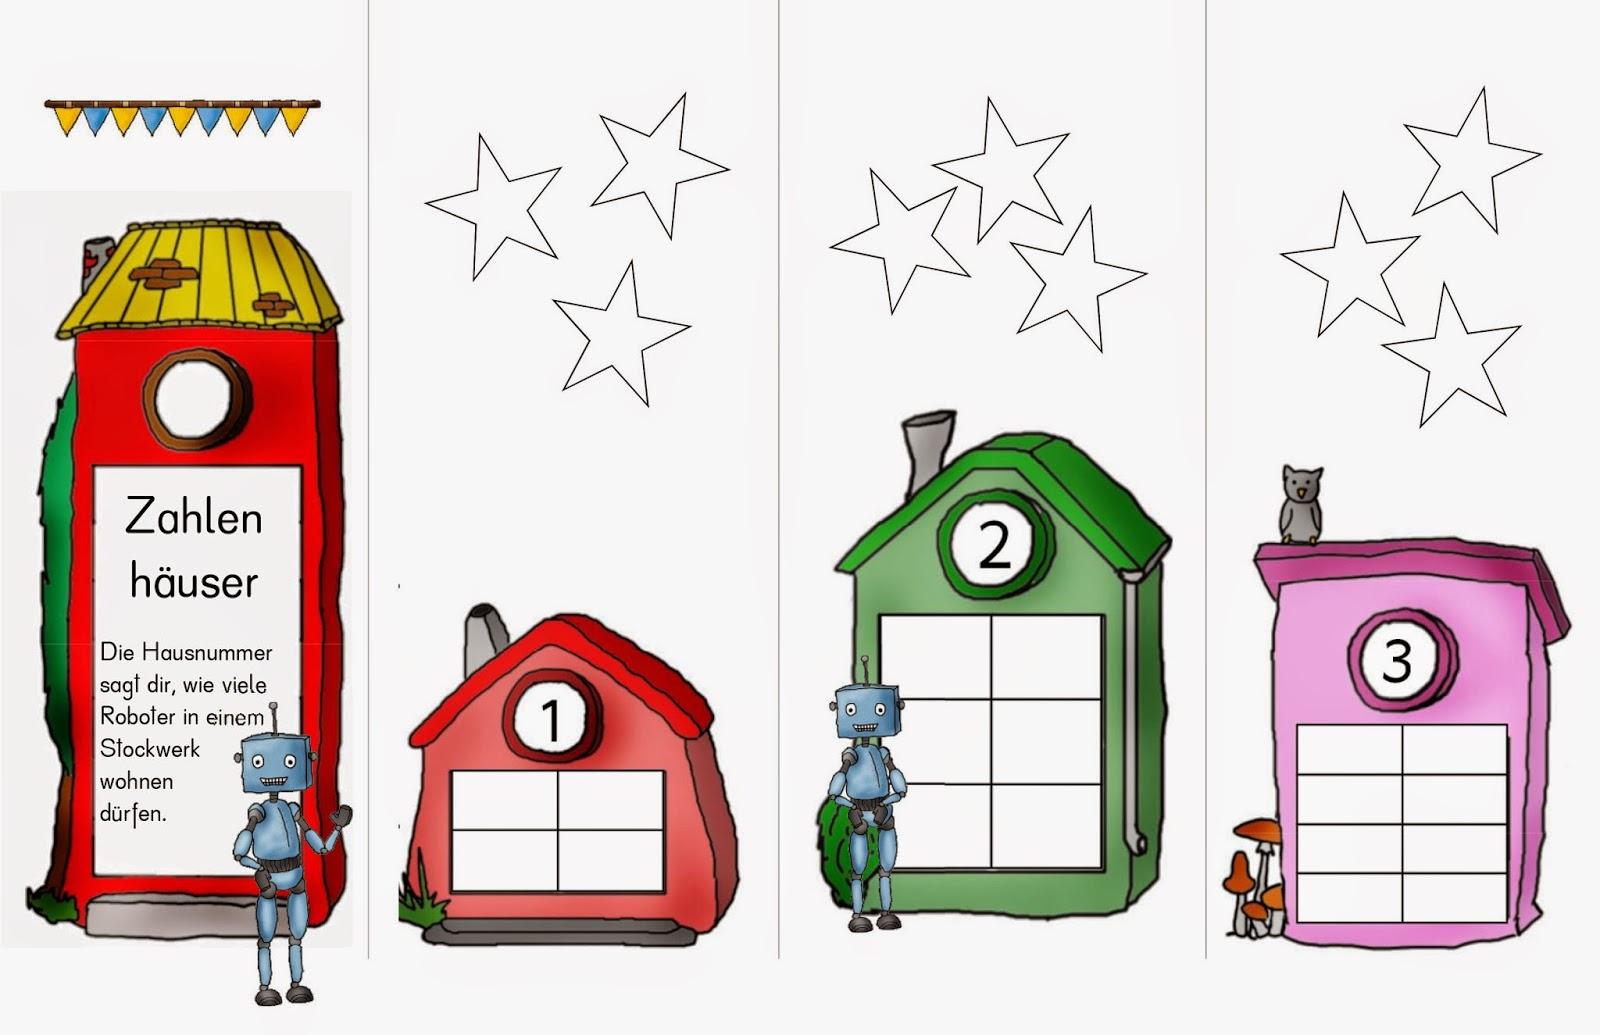 Das verfuchste Klassenzimmer: Zahlenhaus